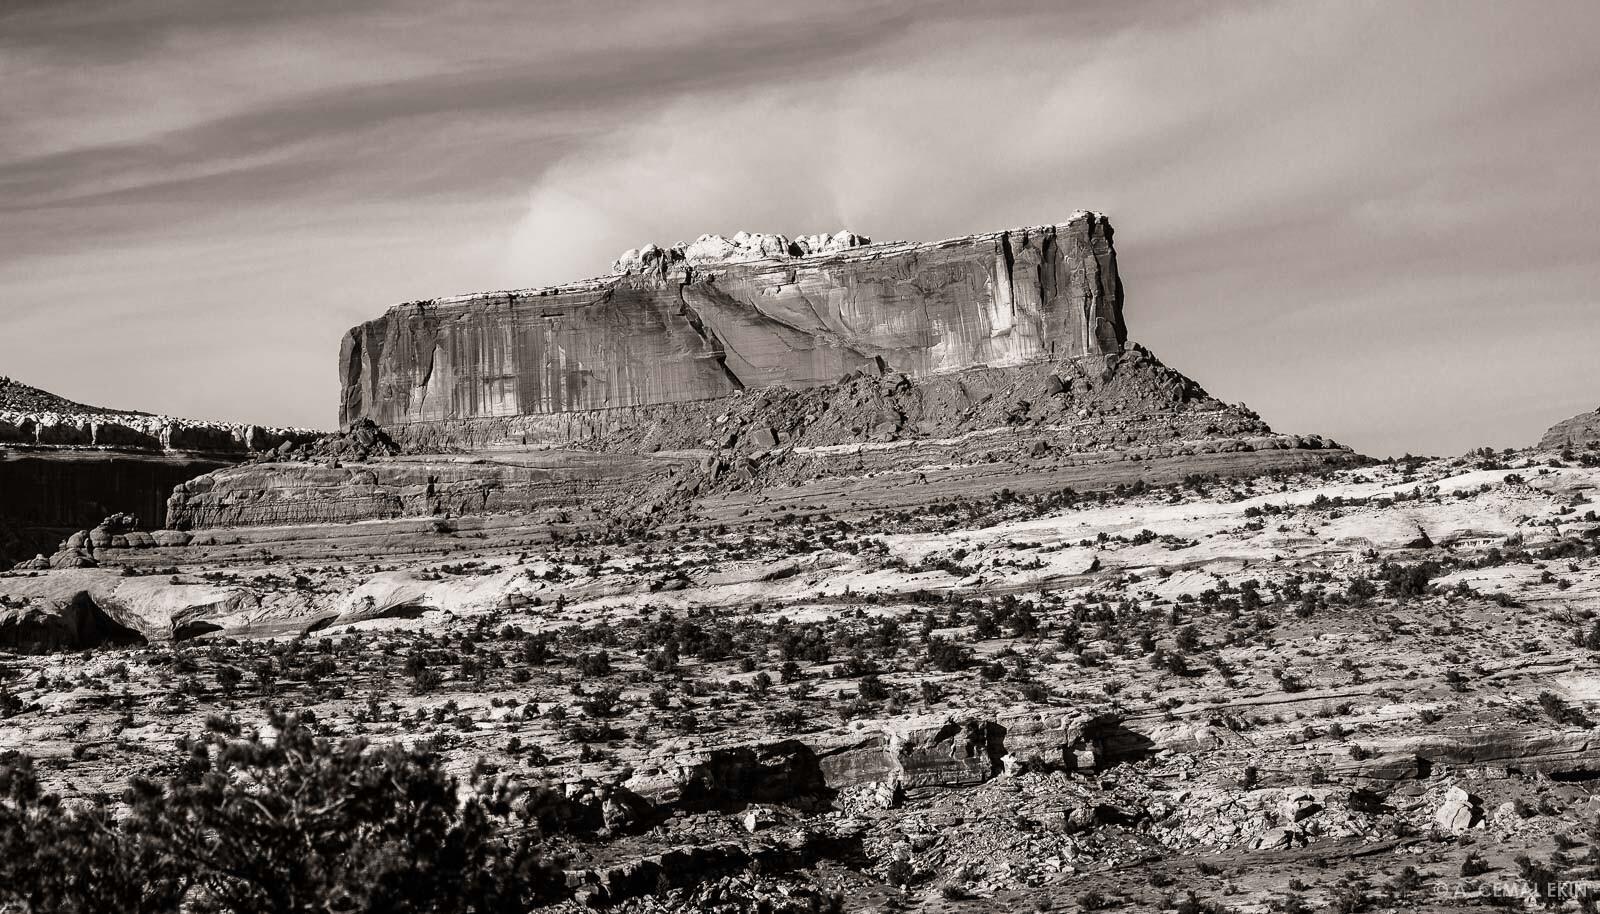 4 - Visions of Utah